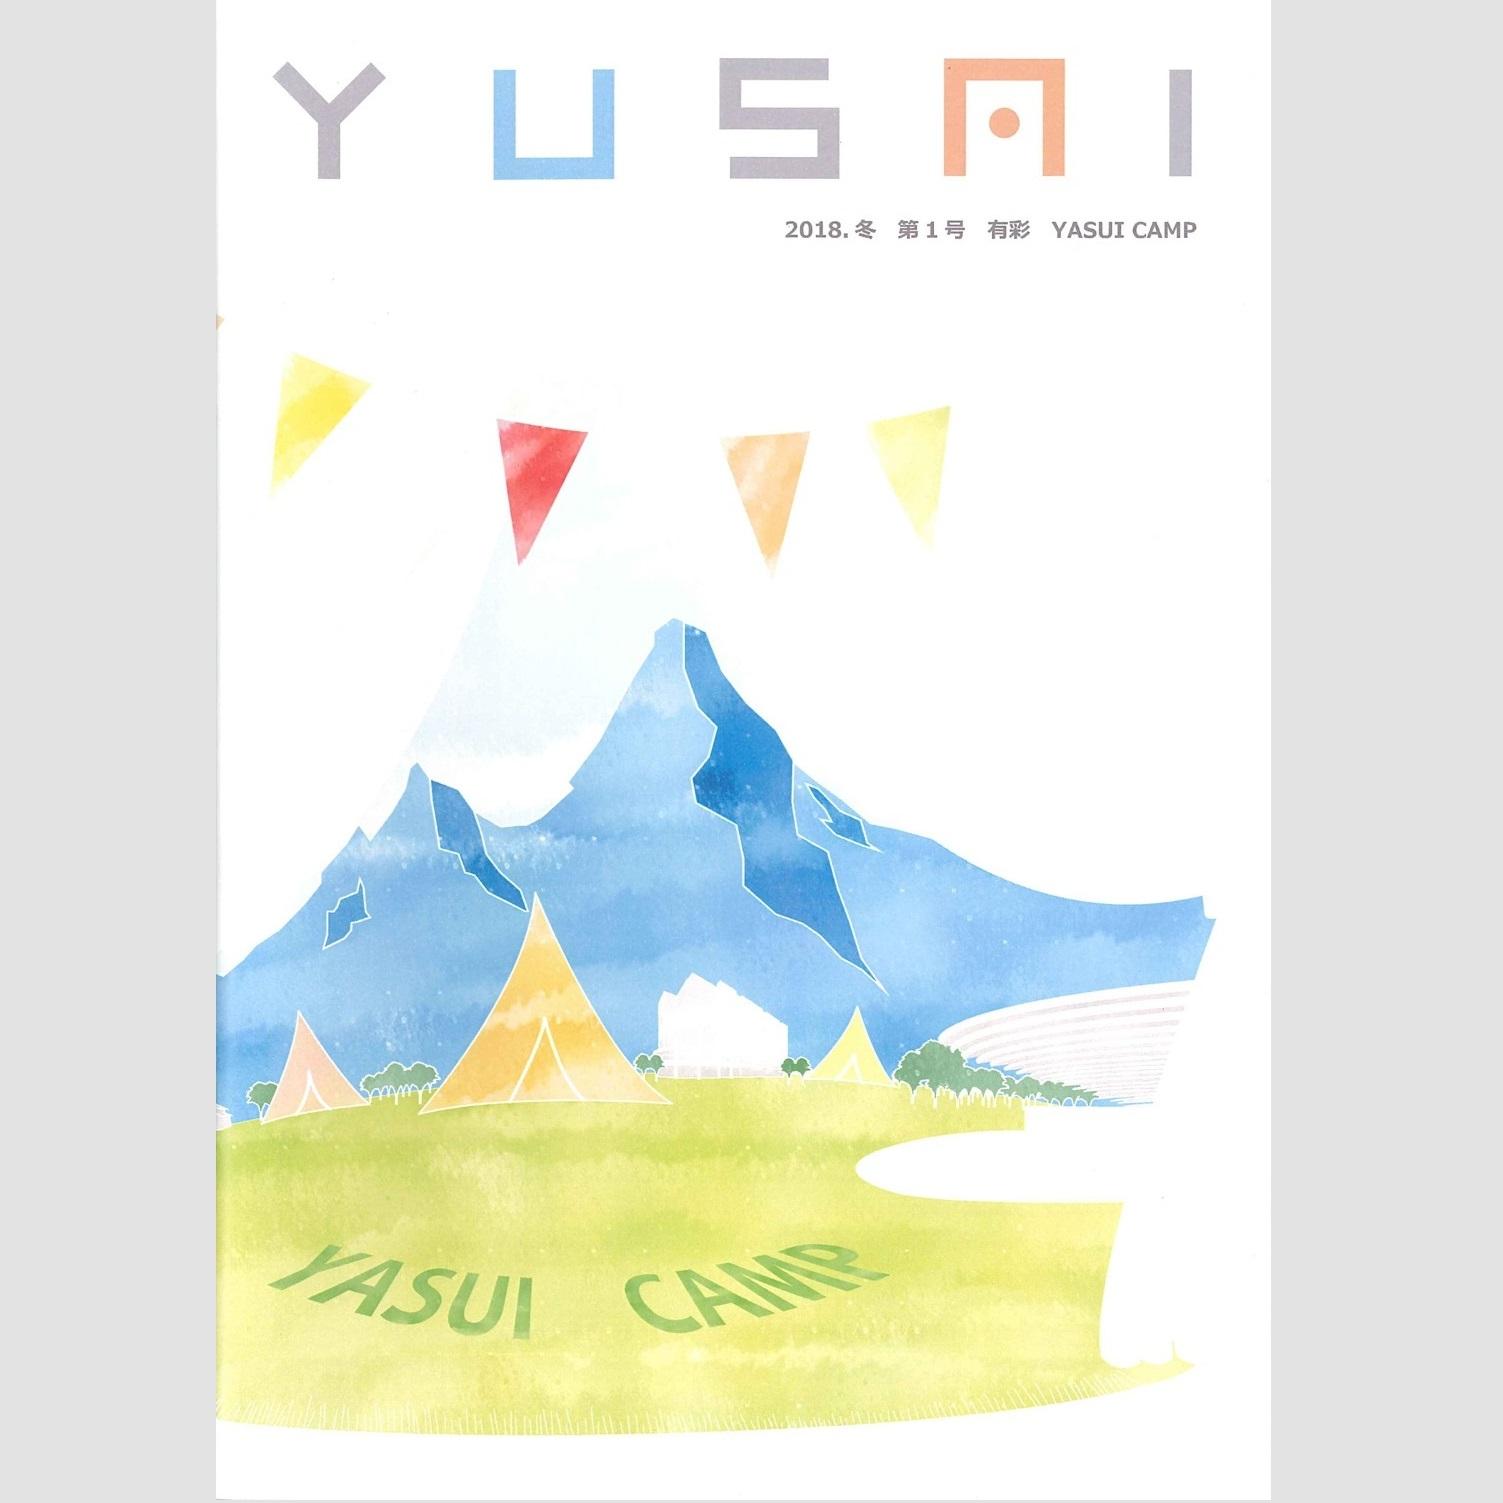 YASUI CAMP